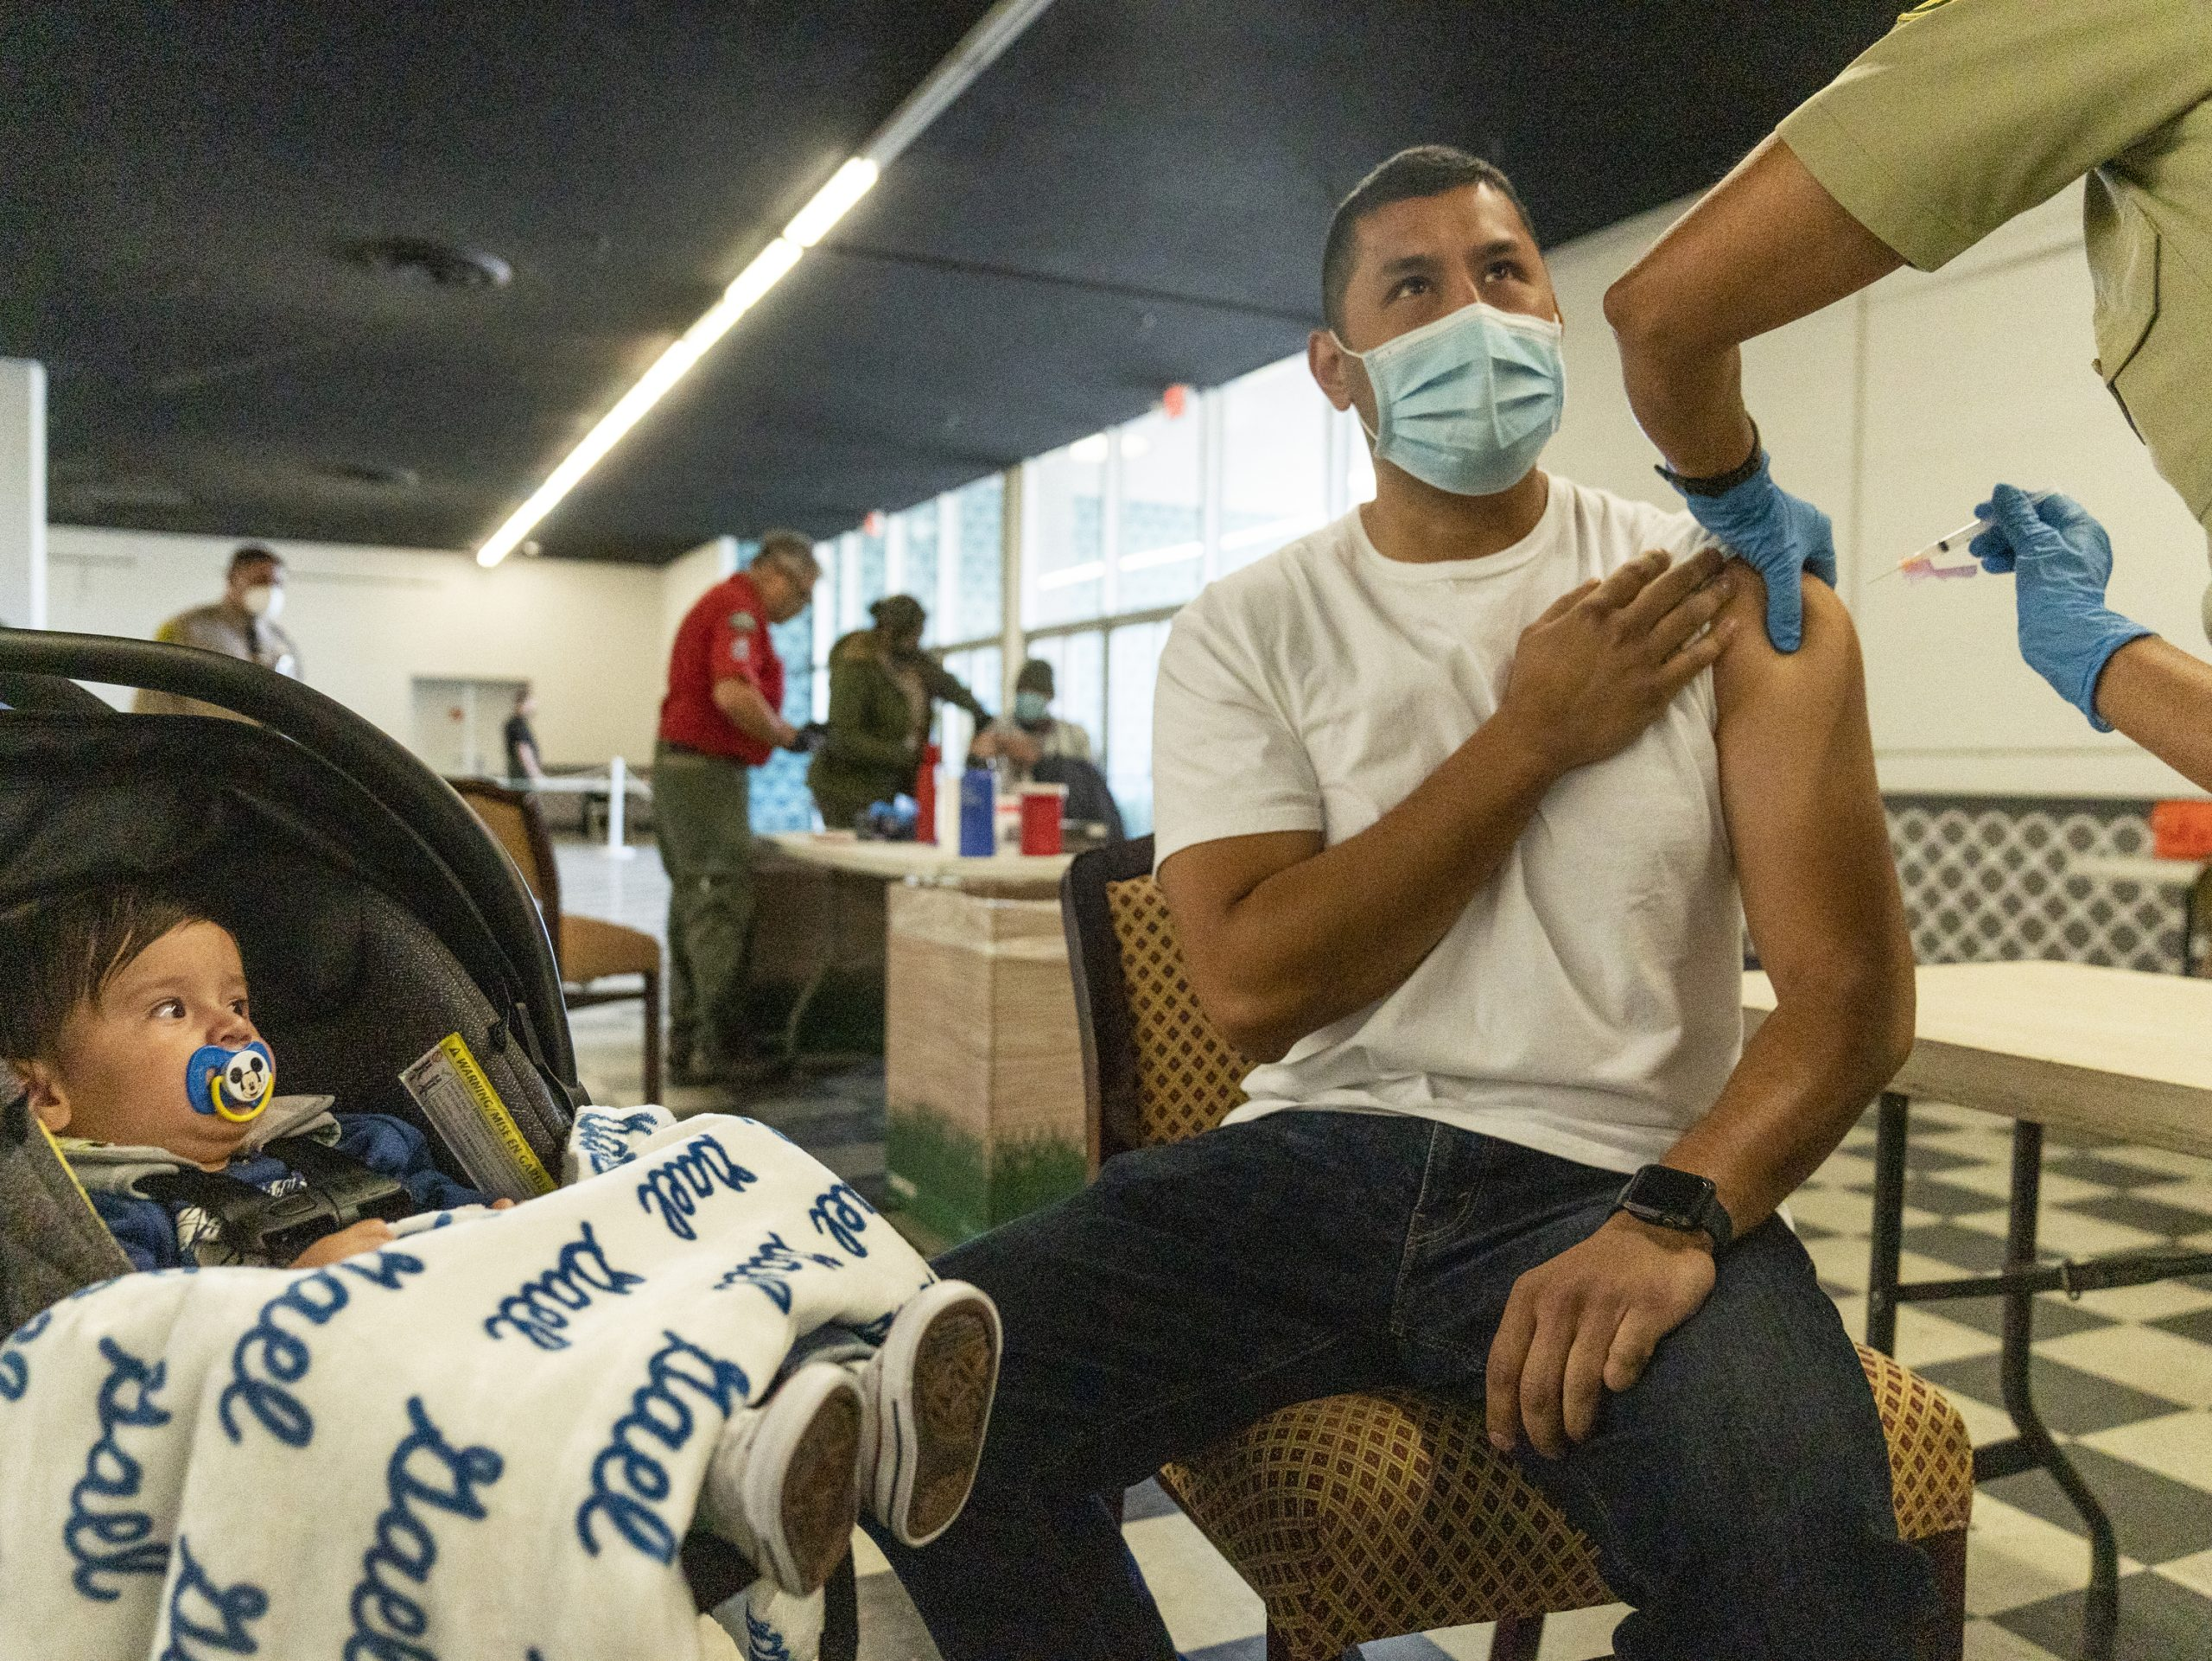 条件付き「マスクなし」も CDCがワクチン接種後の新指針